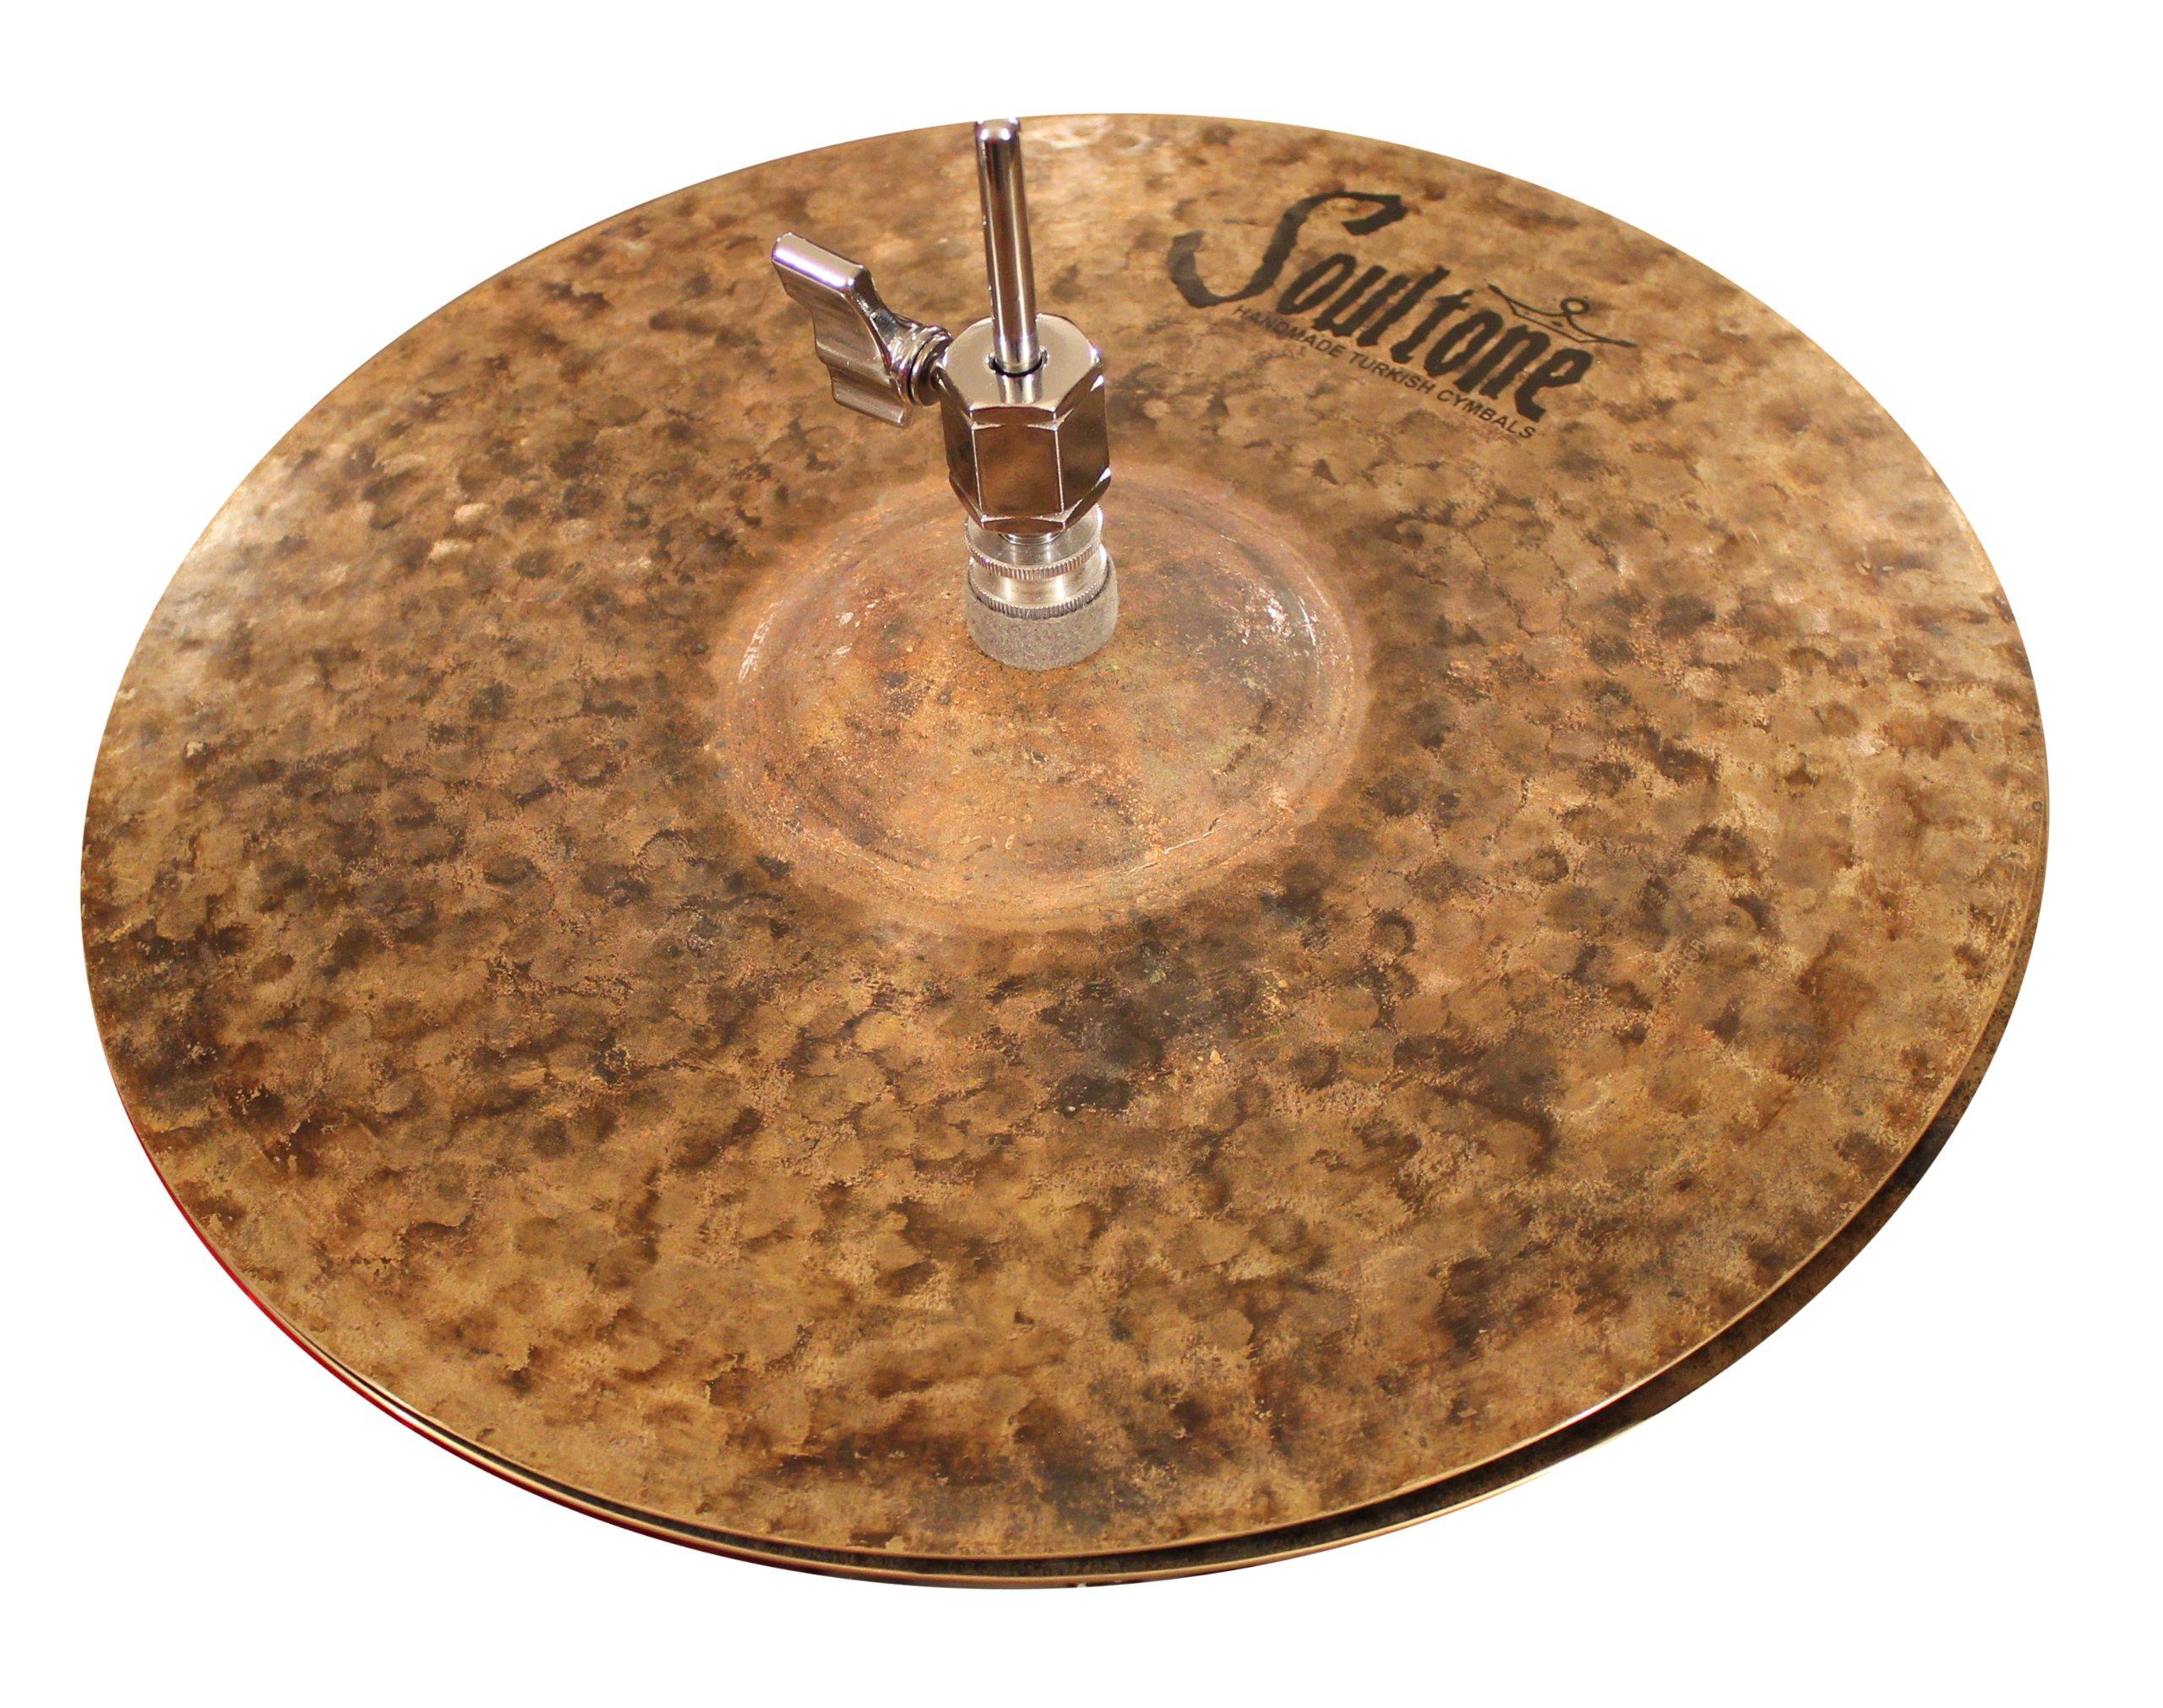 Soultone Cymbals NTR-HHT08-08'' Natural Hi Hats Pair by Soultone Cymbals